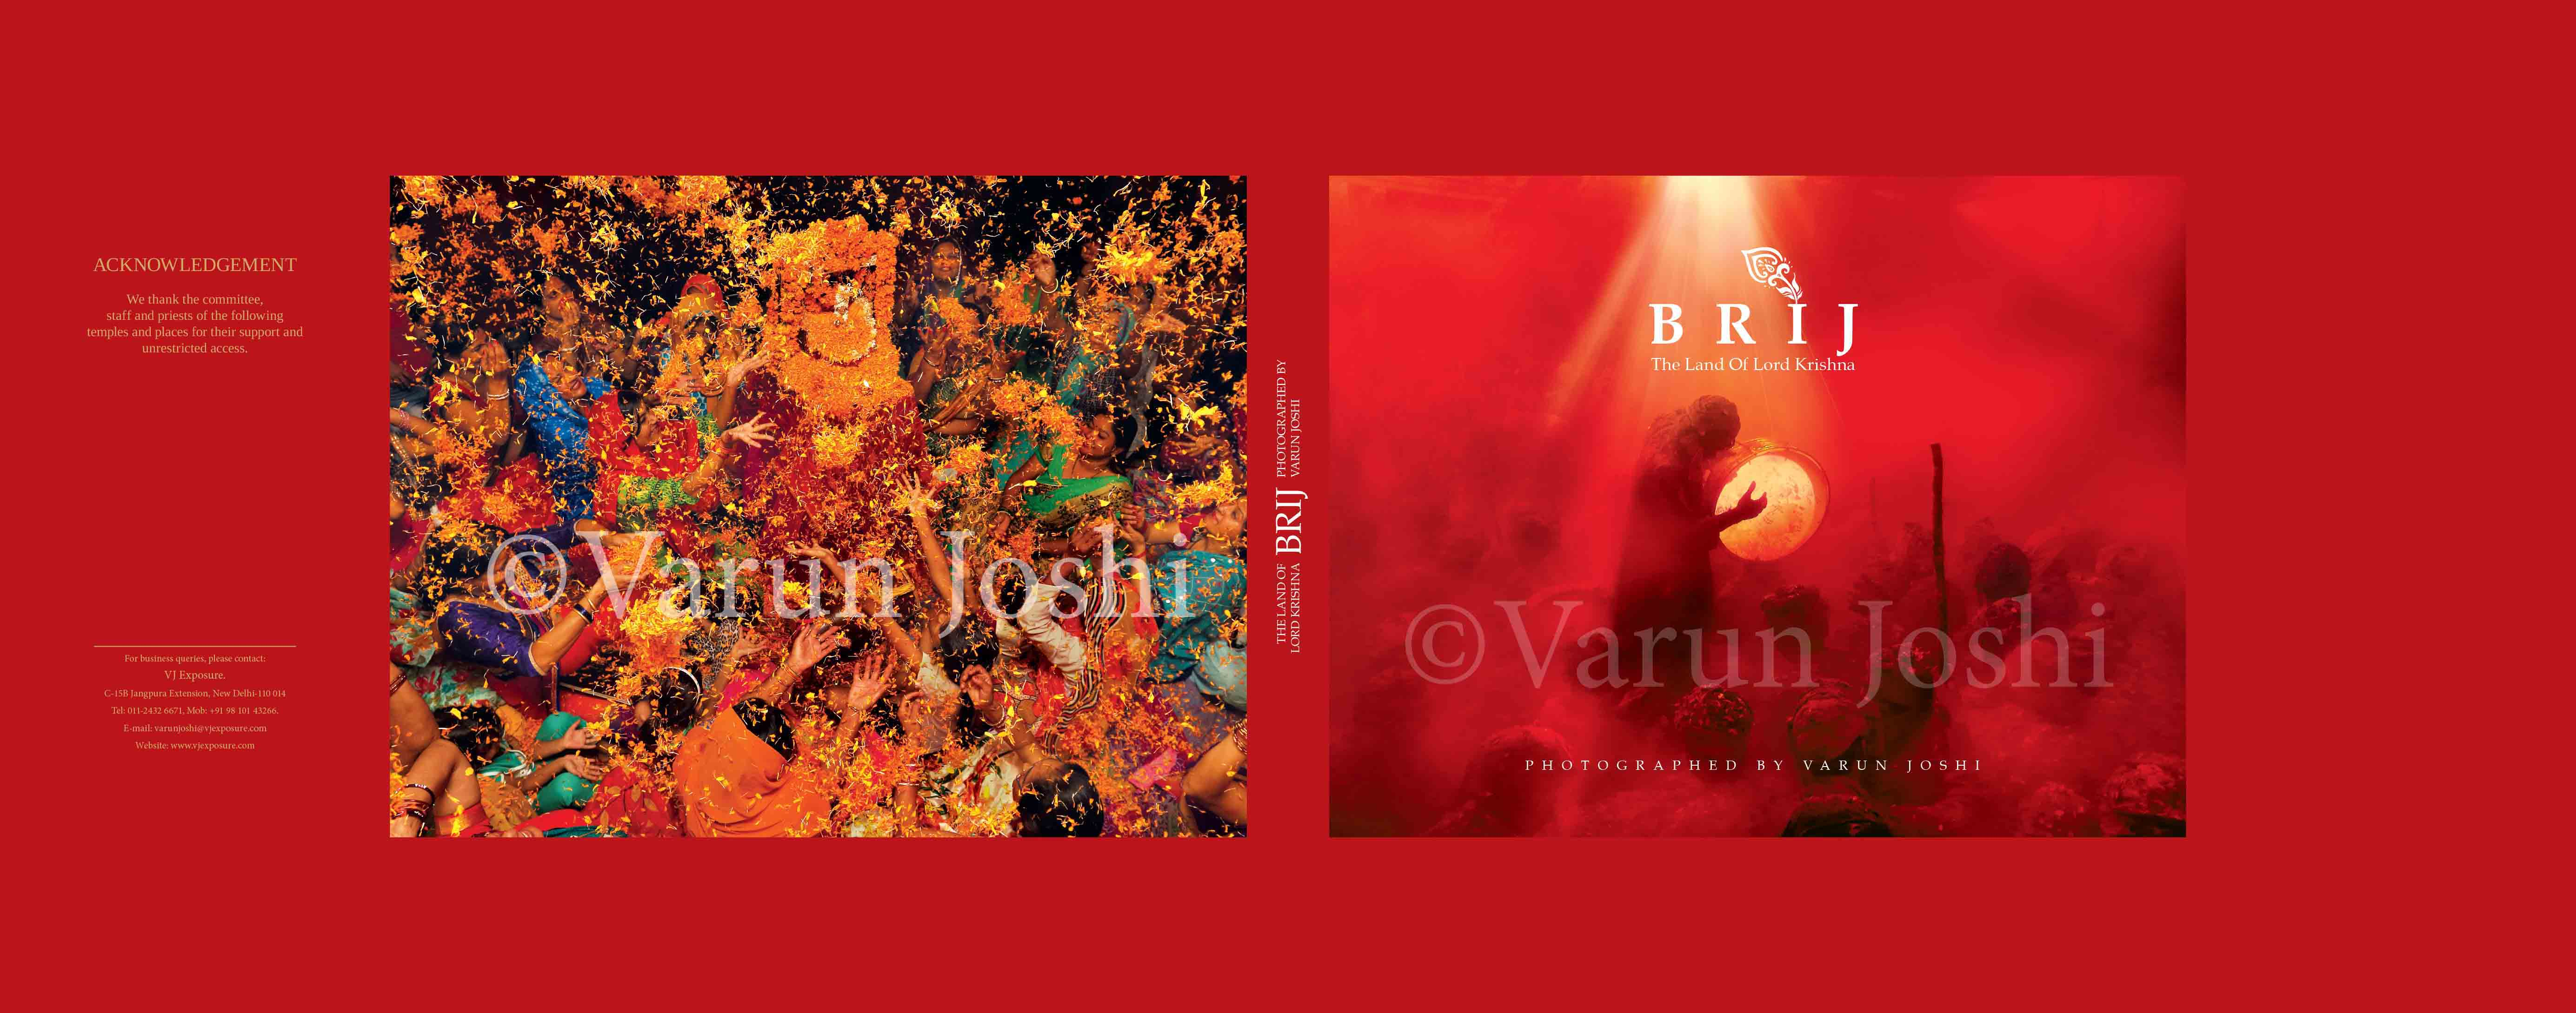 Brij Book